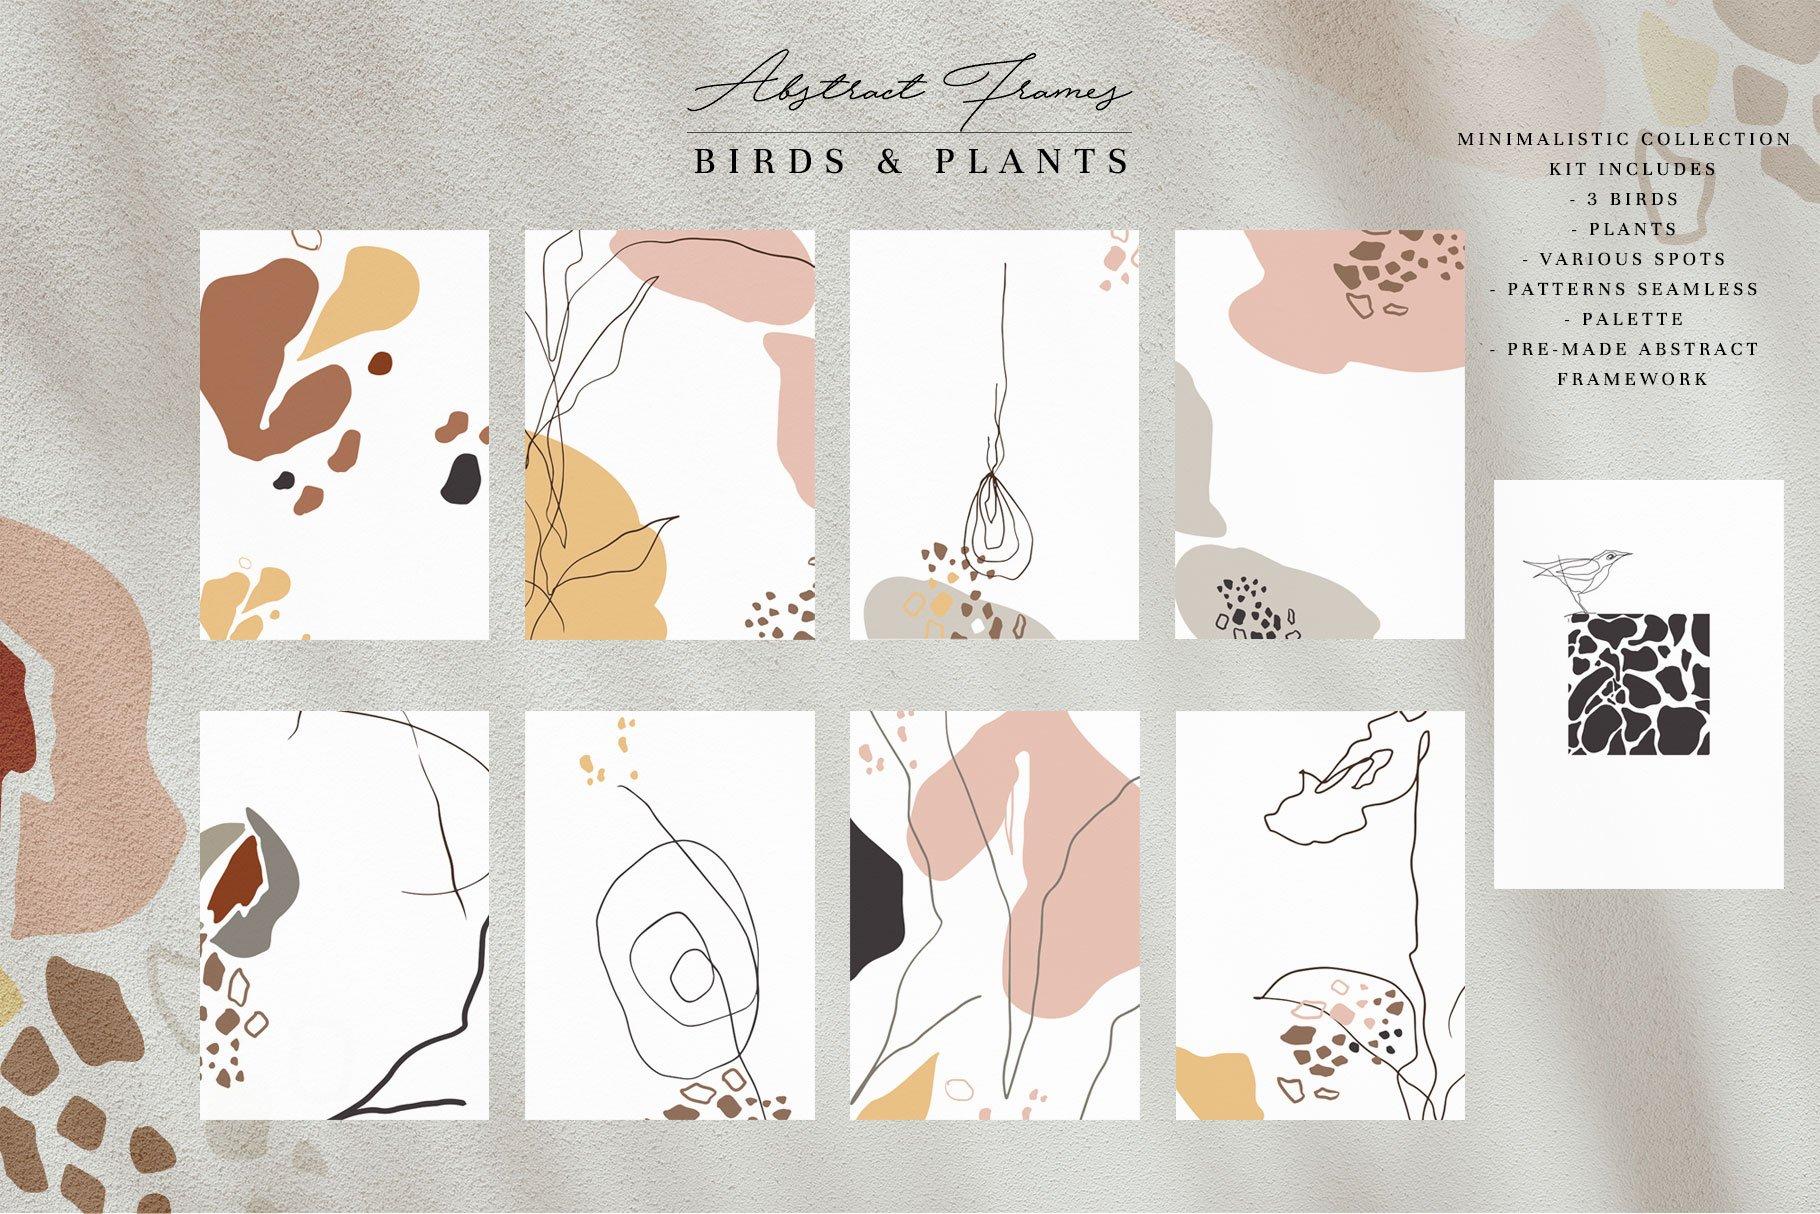 现代抽象几何图形鸟类矢量线条设计素材 Modern Abstraction Birds & Plants插图1